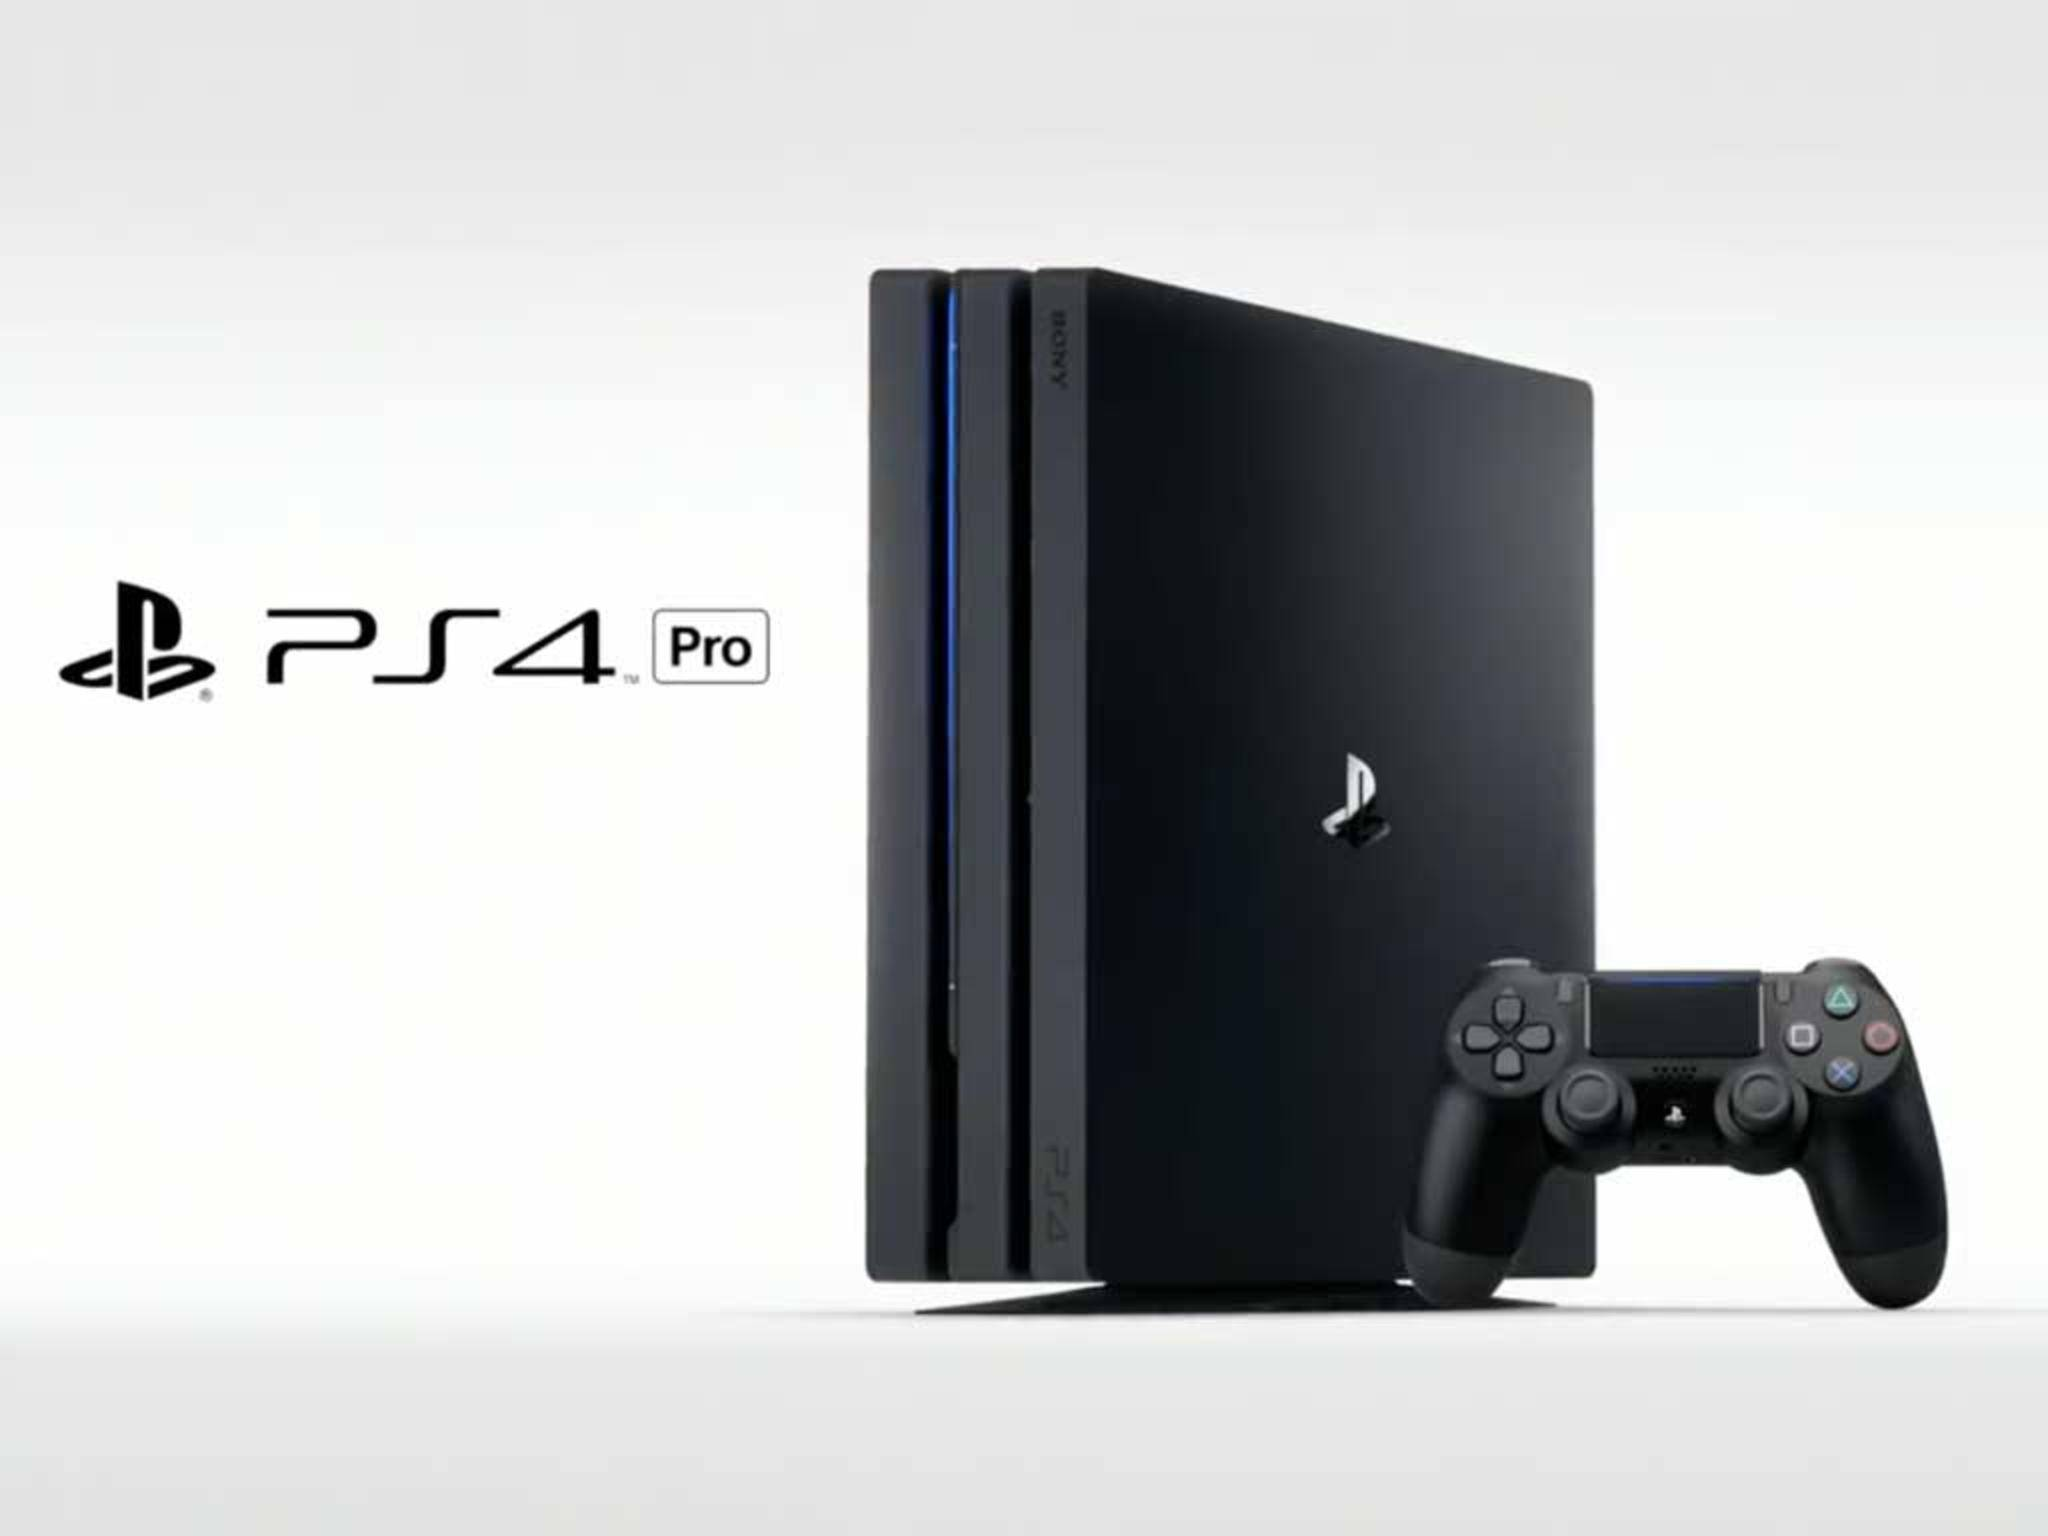 Sony bringt die PlayStation 4 Pro im November auf den Markt.